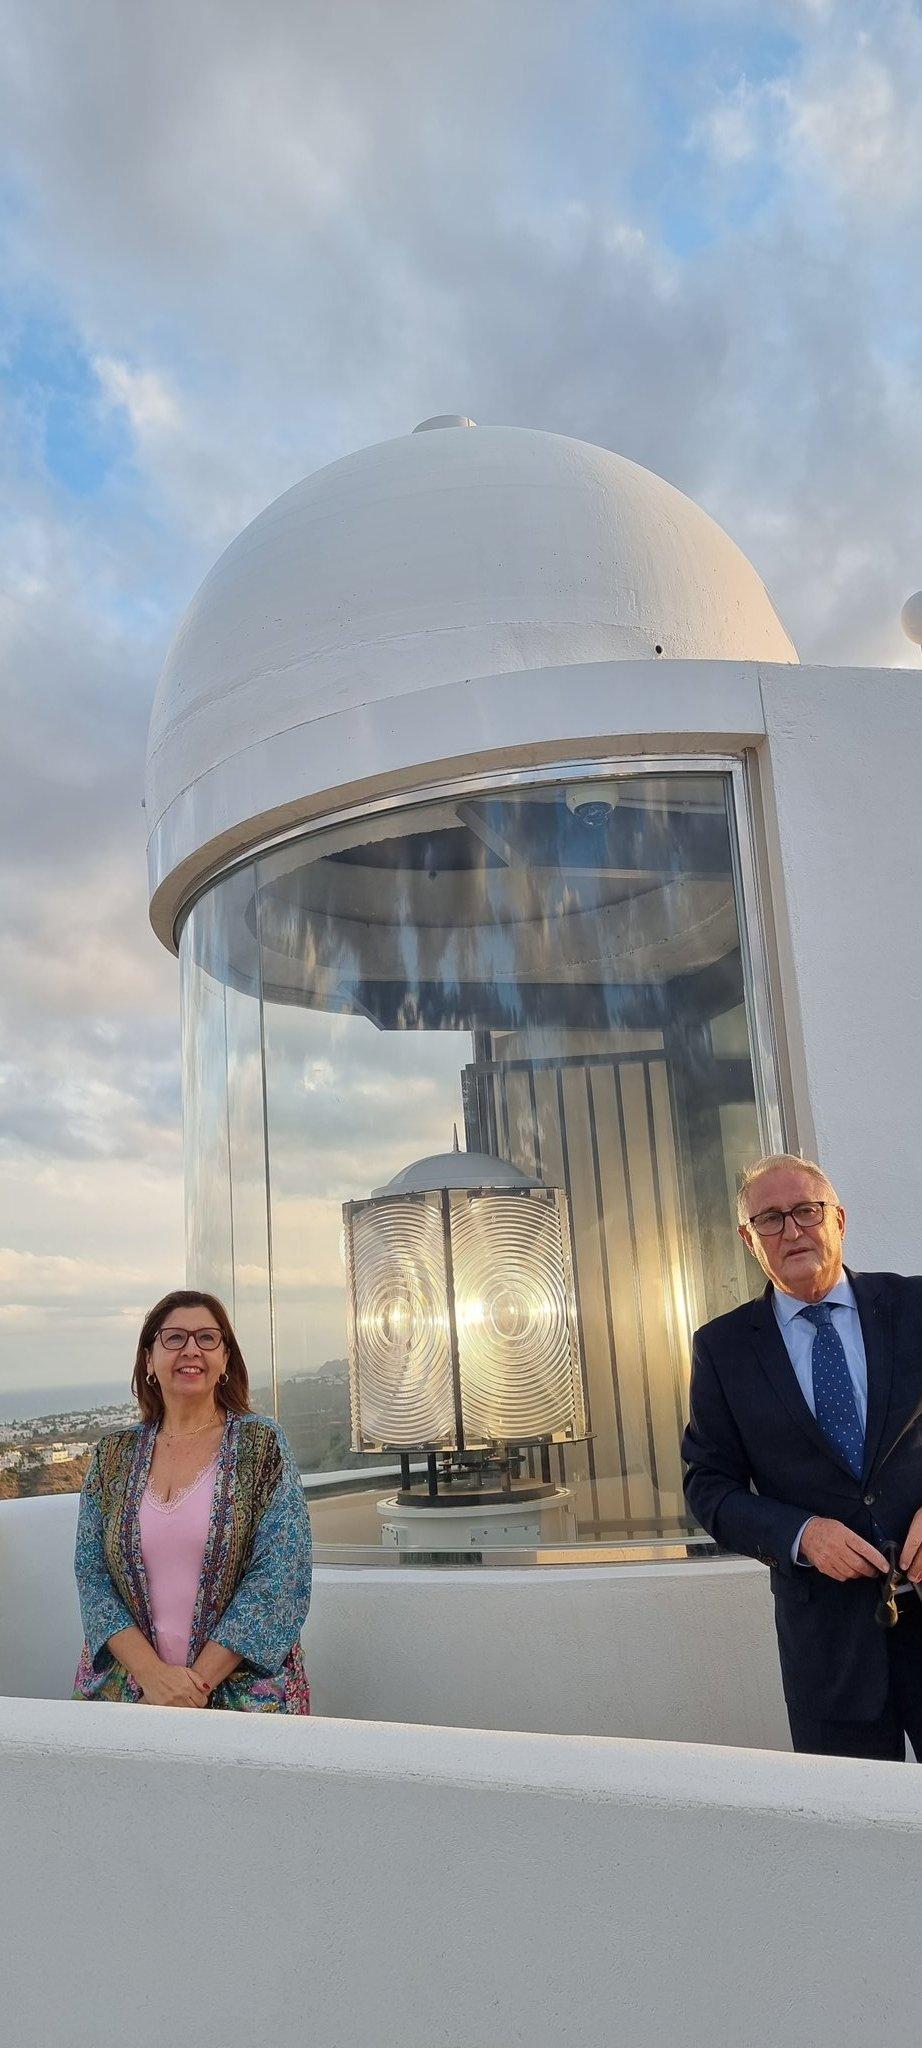 Inauguración del faro de Mojácar por la Autoridad Portuaria de Almería -APA-